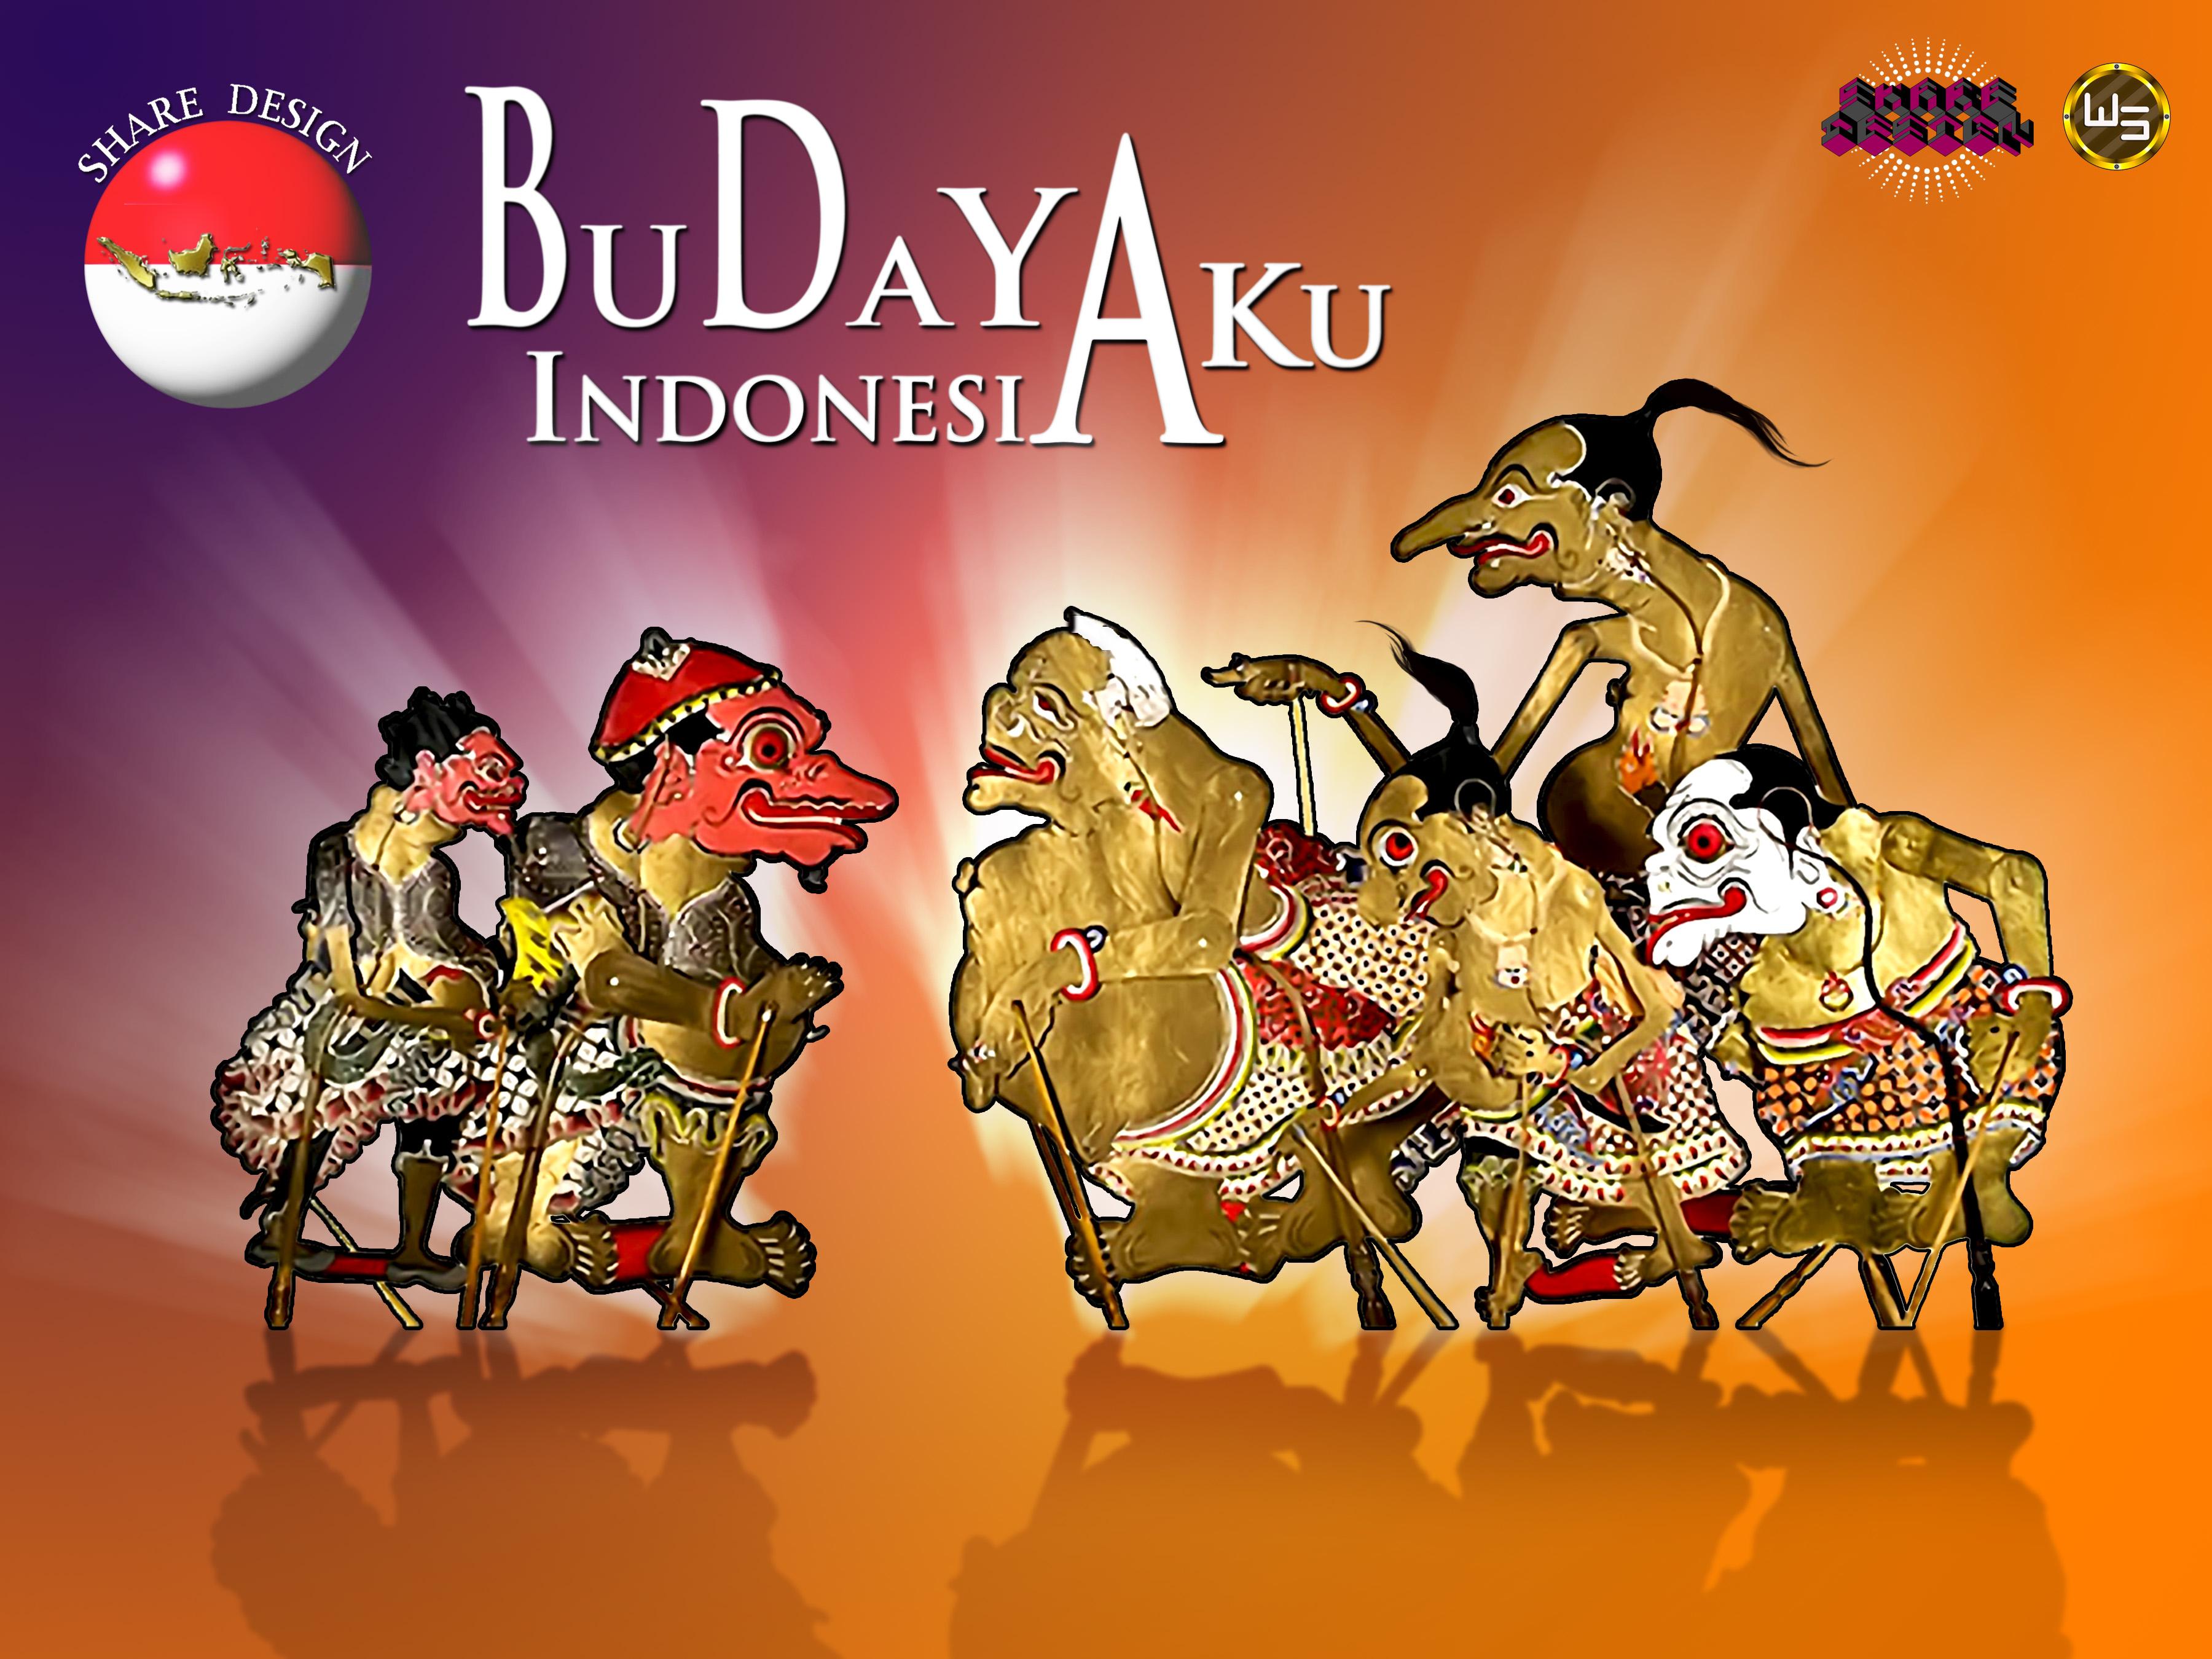 Budaya Indonesia Ku By W2nswd D4b6w3hjpg